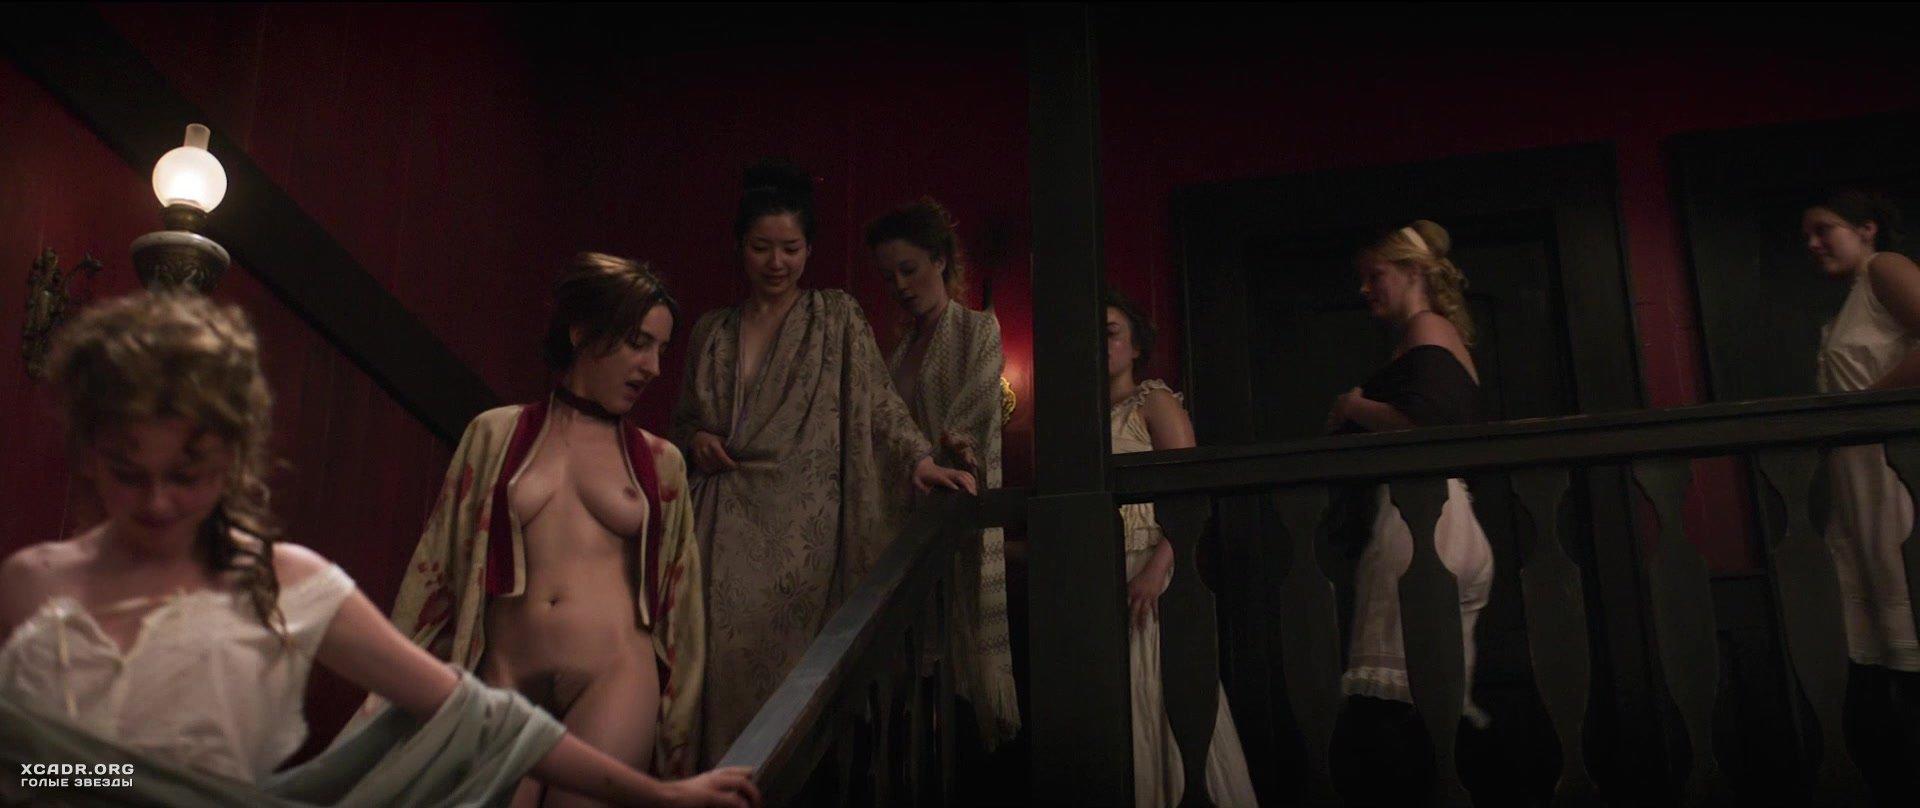 гидродинамики математические проститутки в неволе документальный фильм орального секса машине